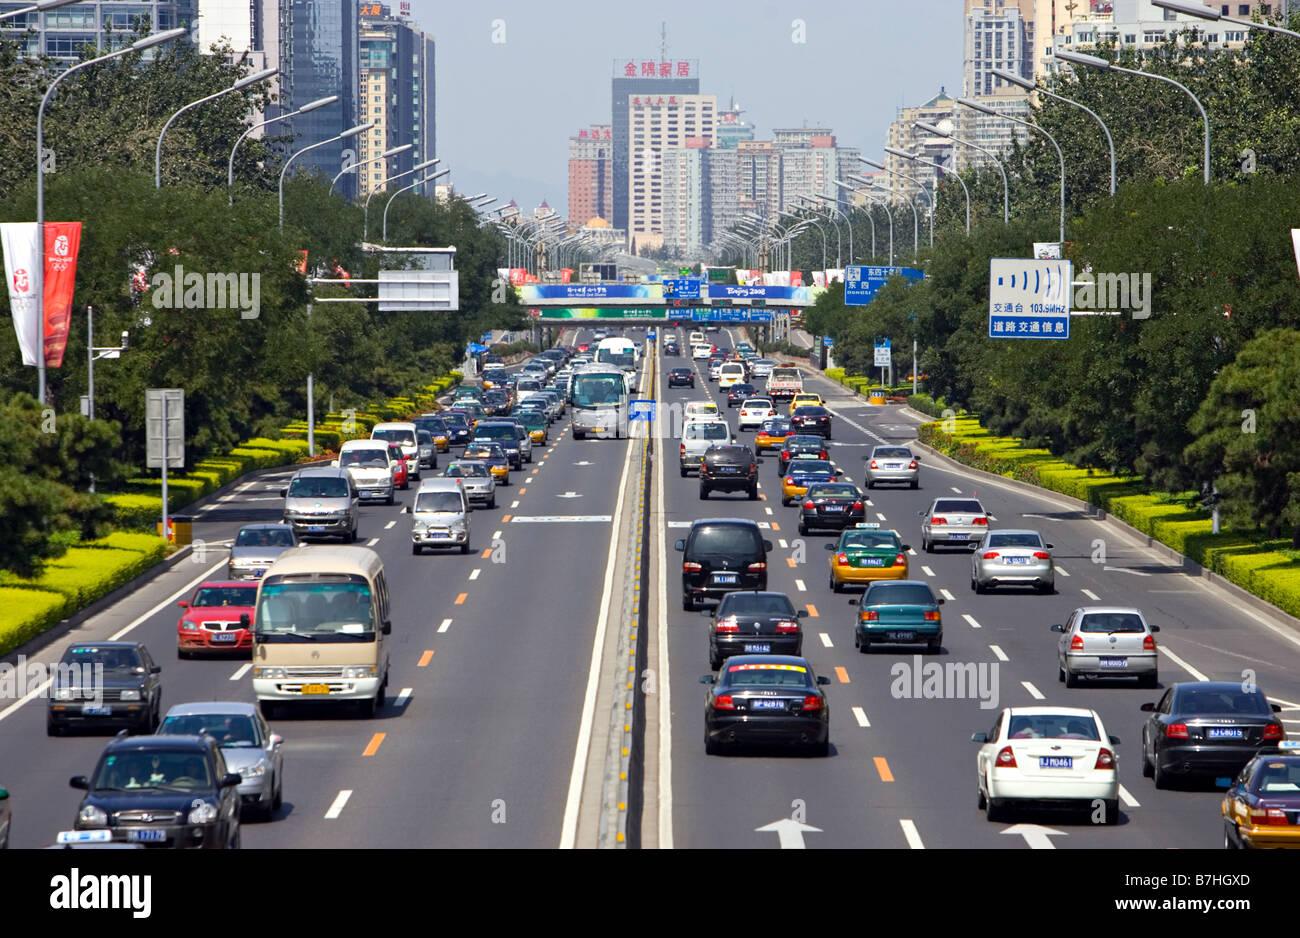 Bejing Traffic - Stock Image